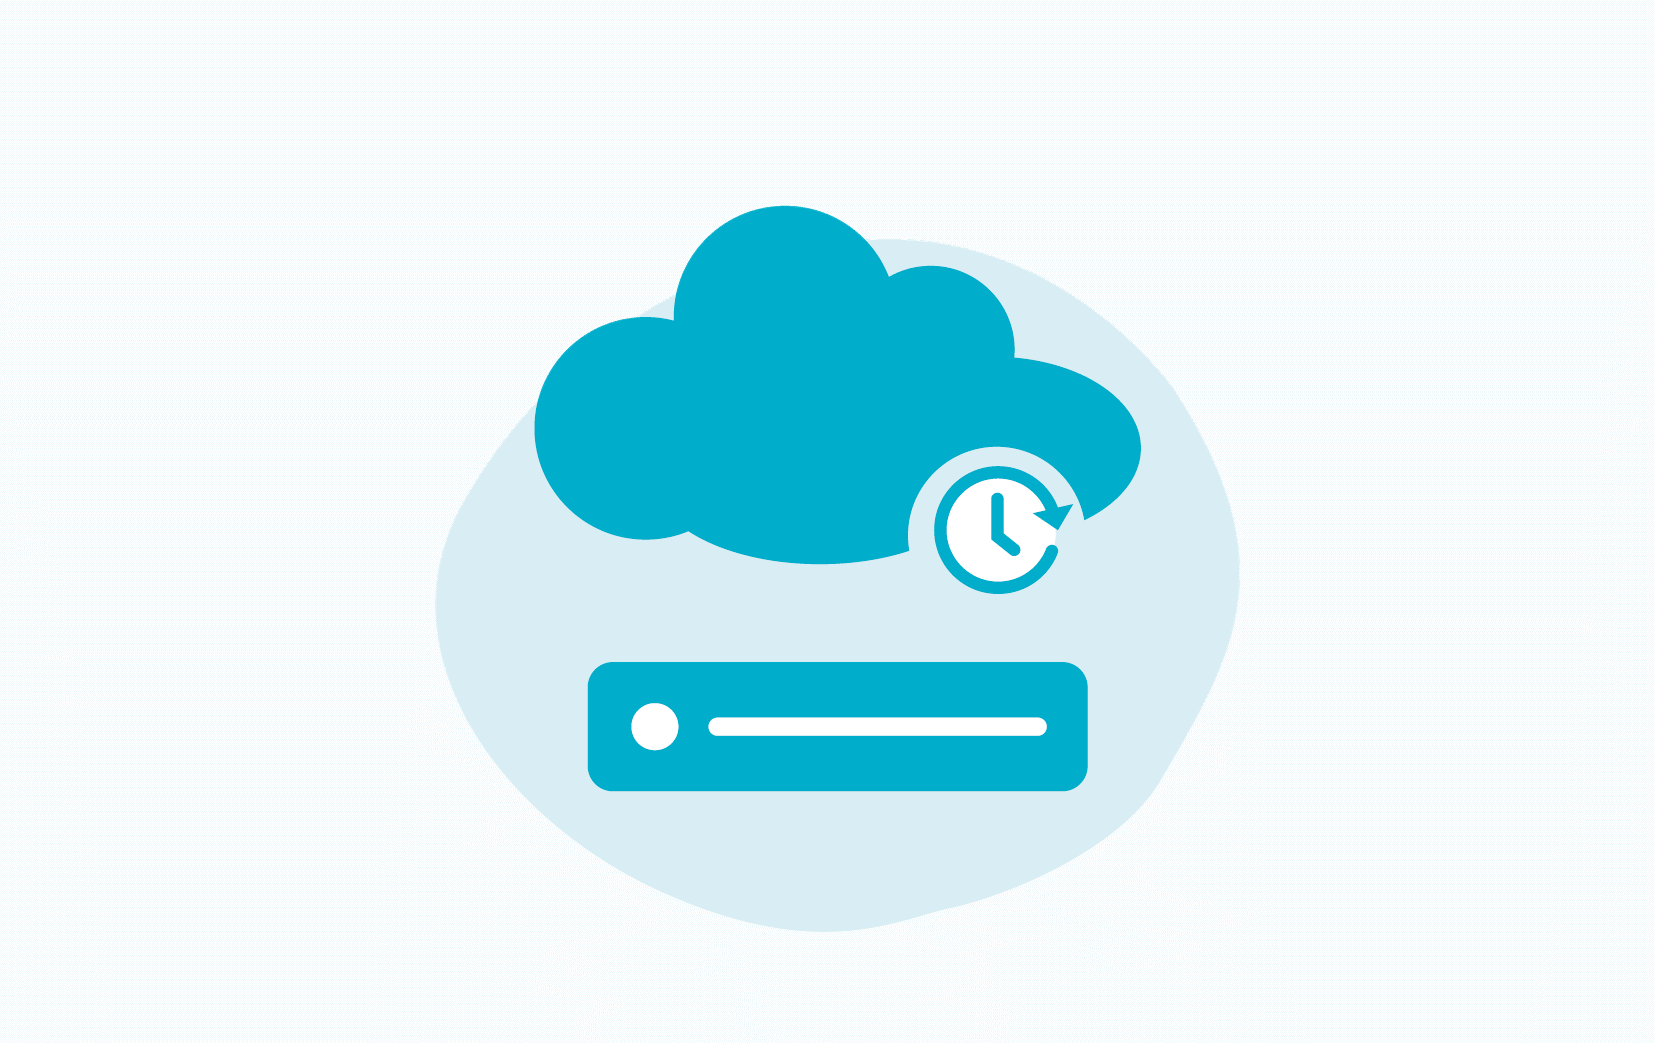 Icoon van een server die gebackupped wordt naar de cloud